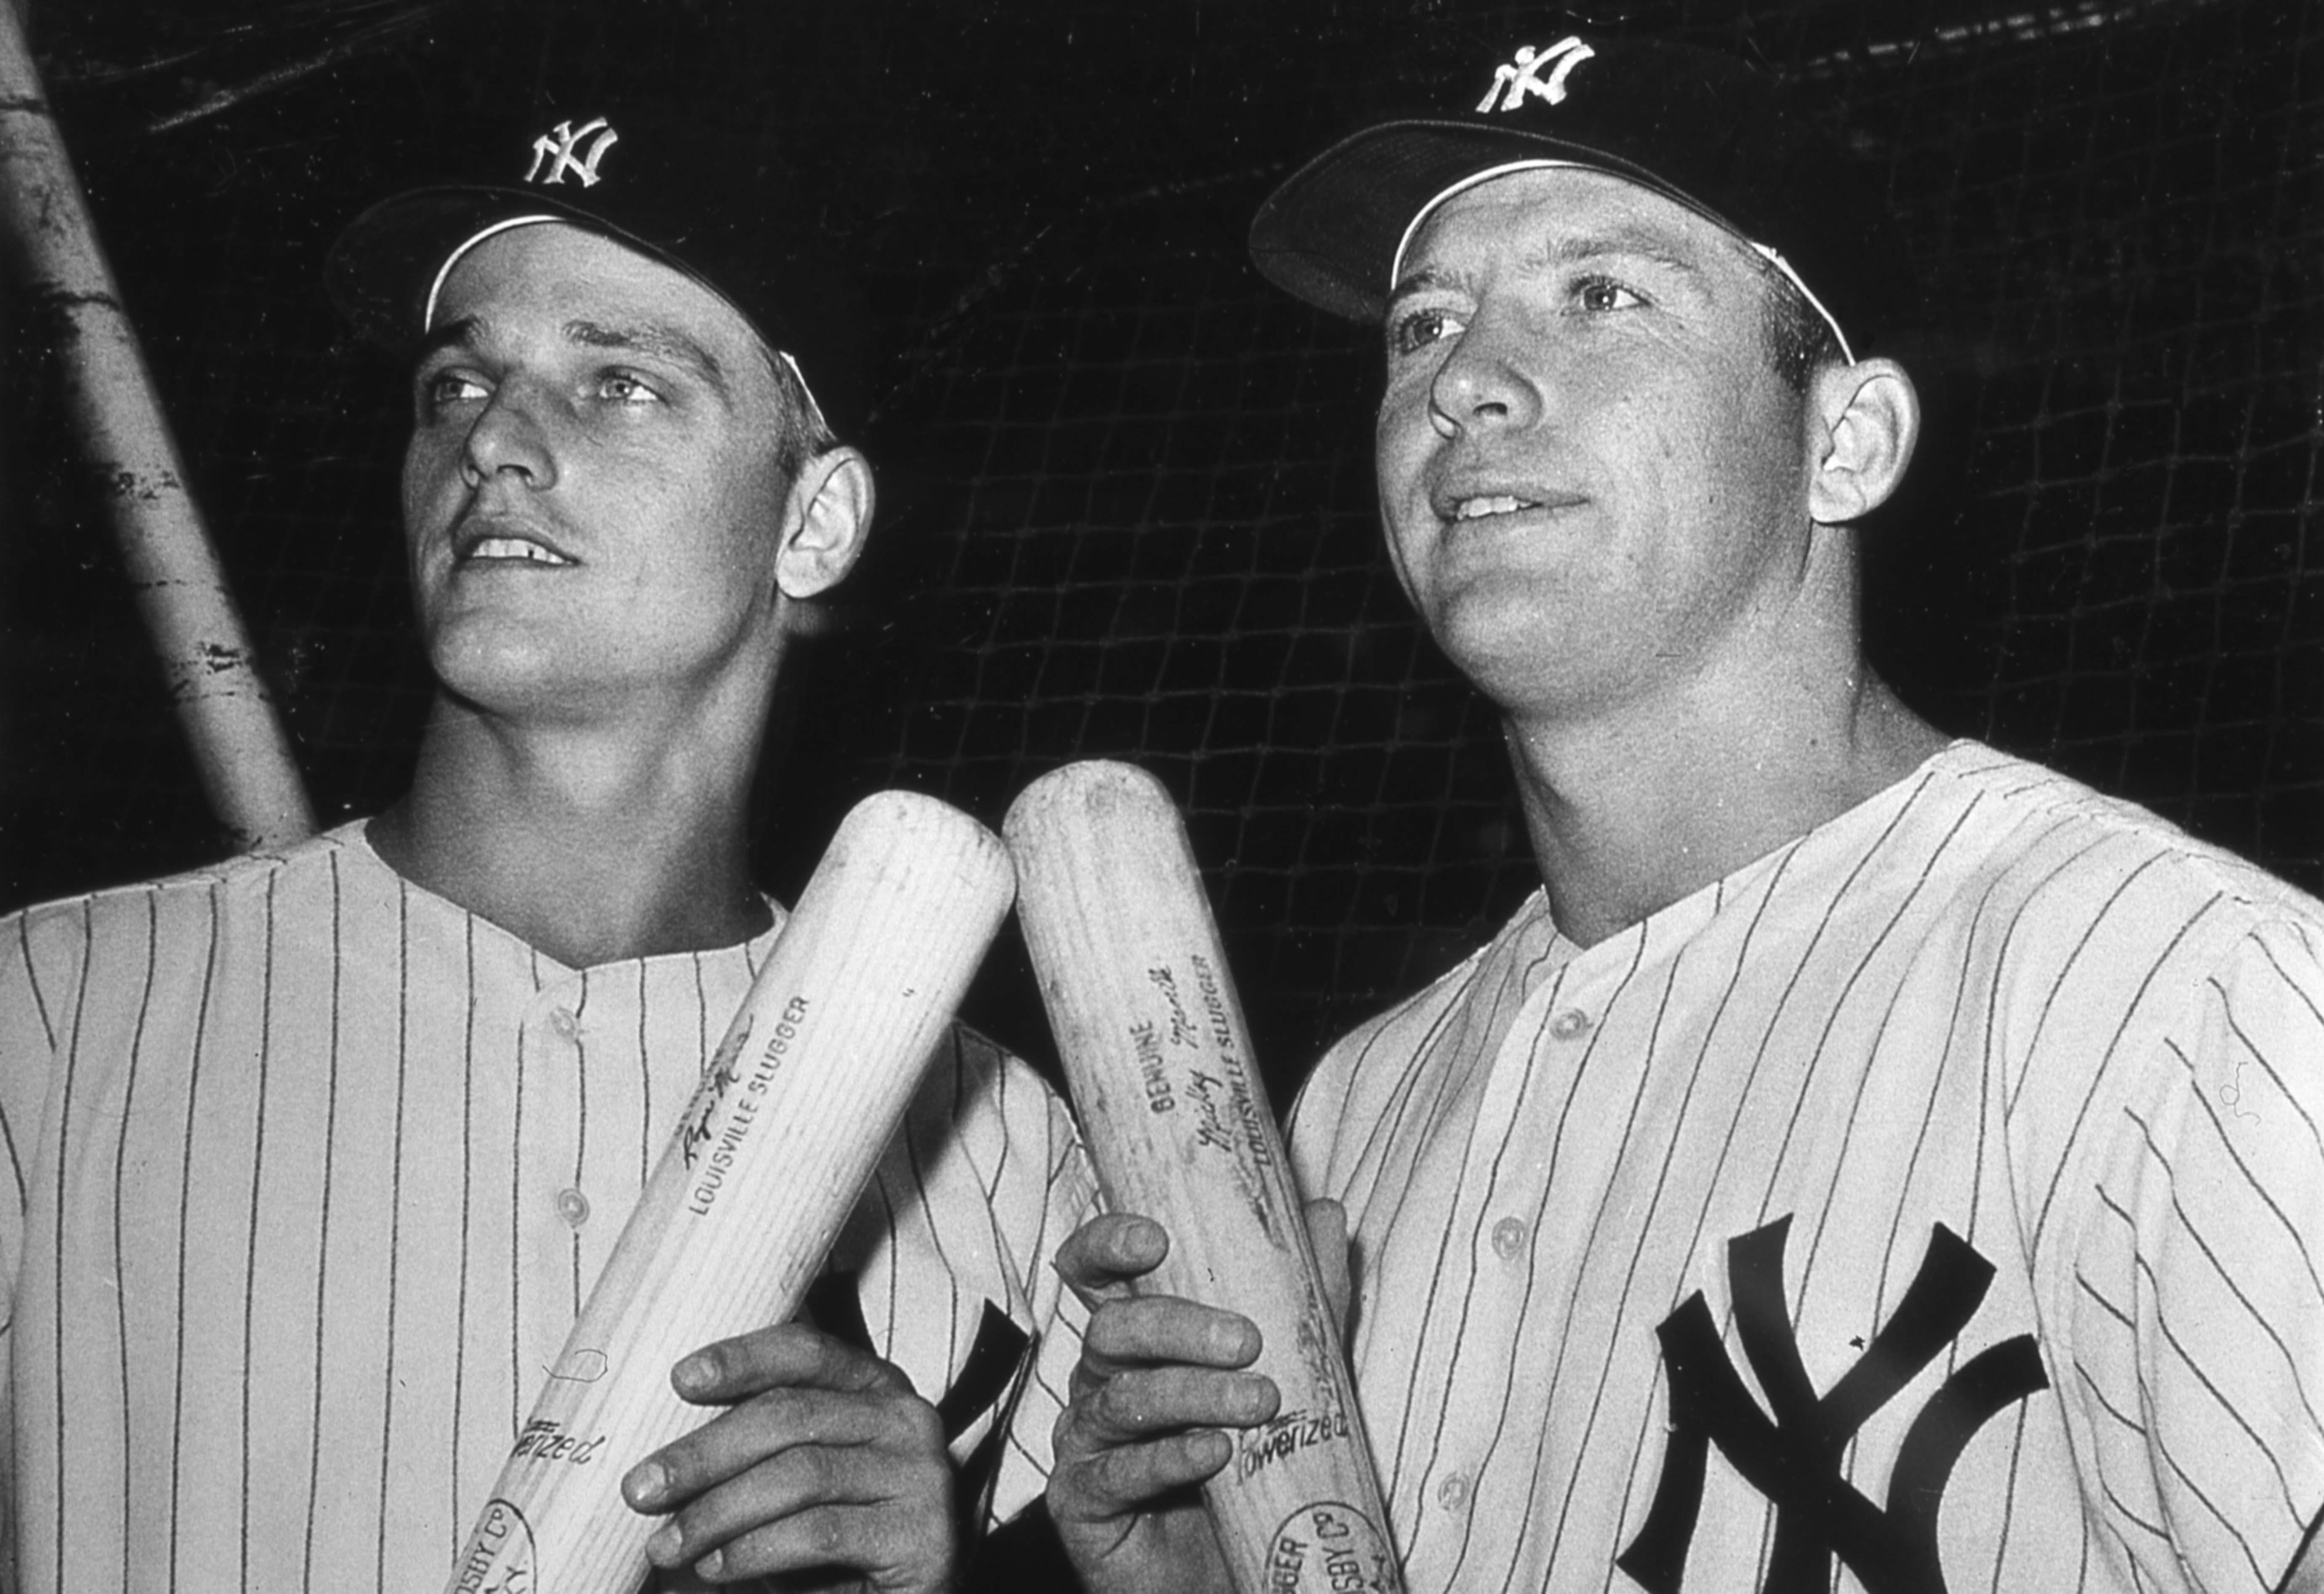 Maris & Mantle At Yankee Stadium